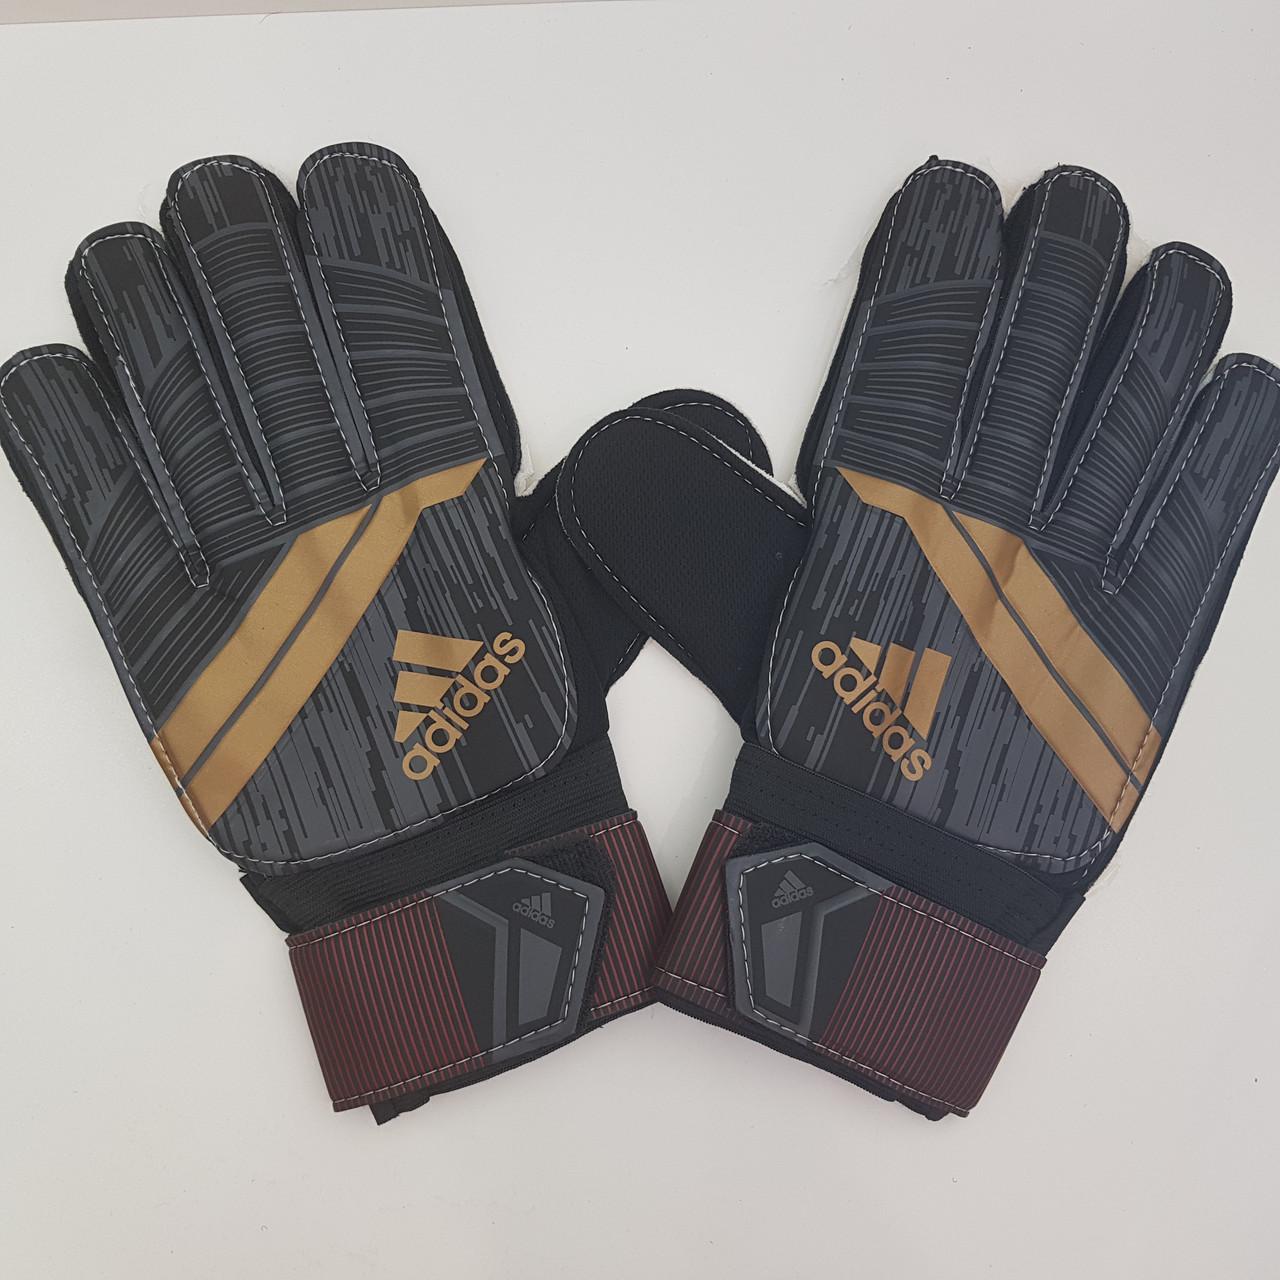 Перчатки Вратарские ADIDAS взрослые